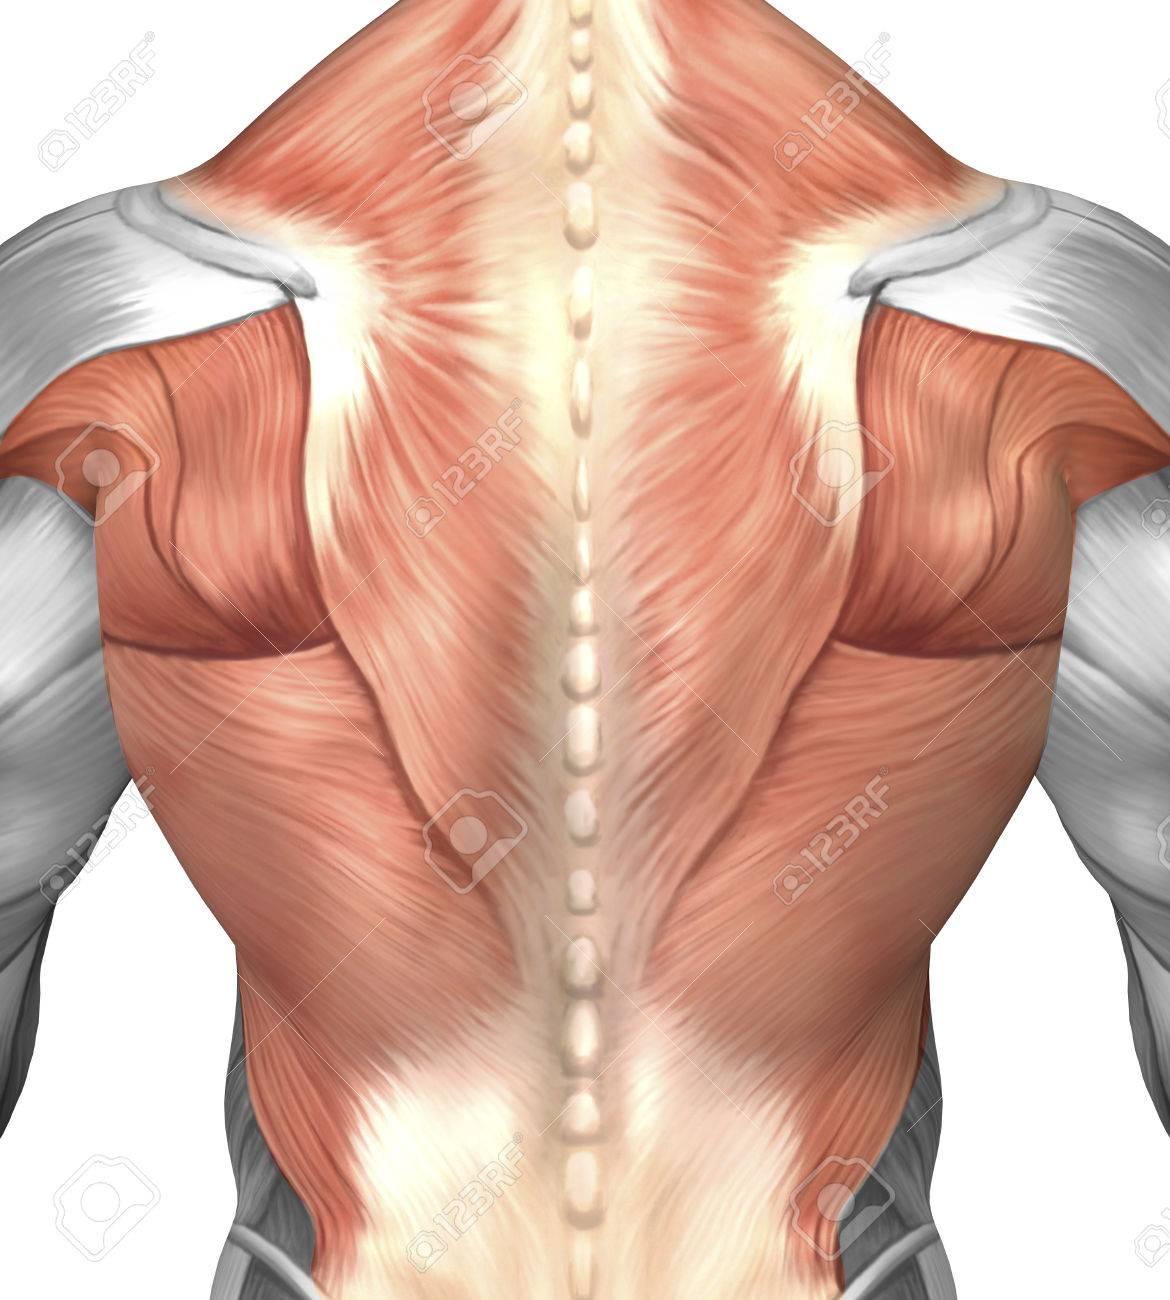 Músculo Masculino Anatomía De La Espalda Humana. Fotos, Retratos ...